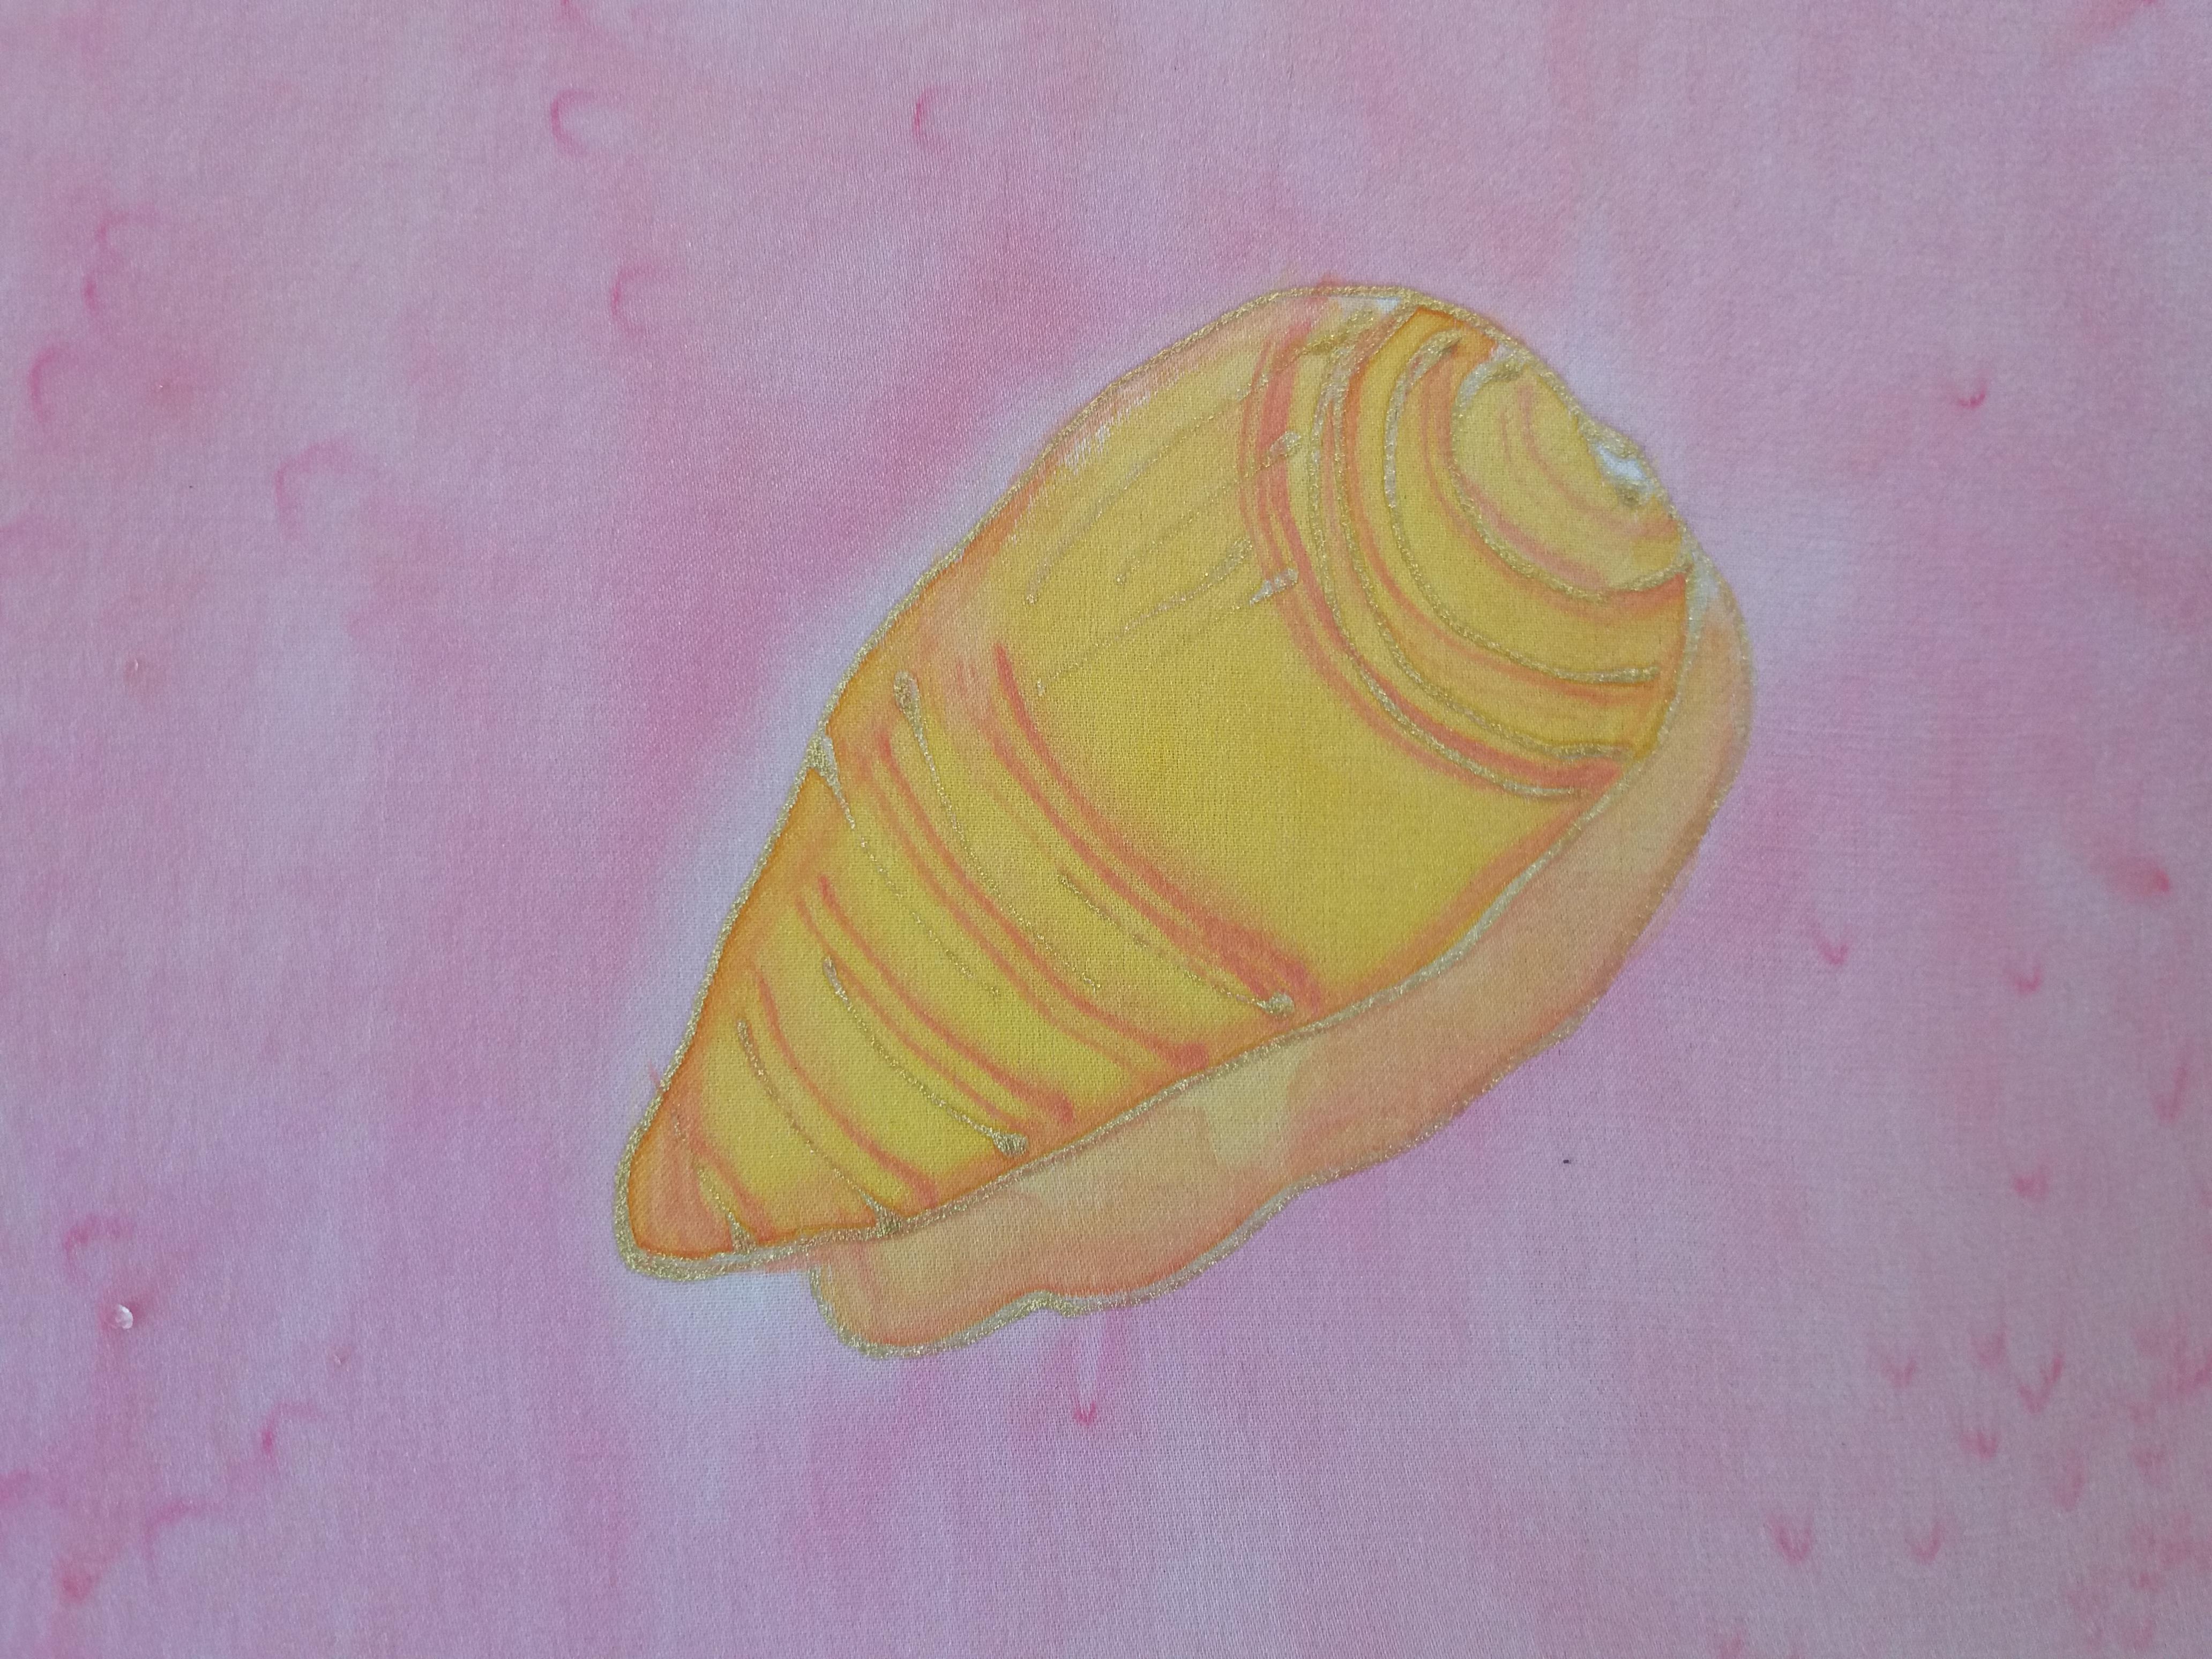 Detalle de caracola marina fosilizada pintada en seda crepe satén